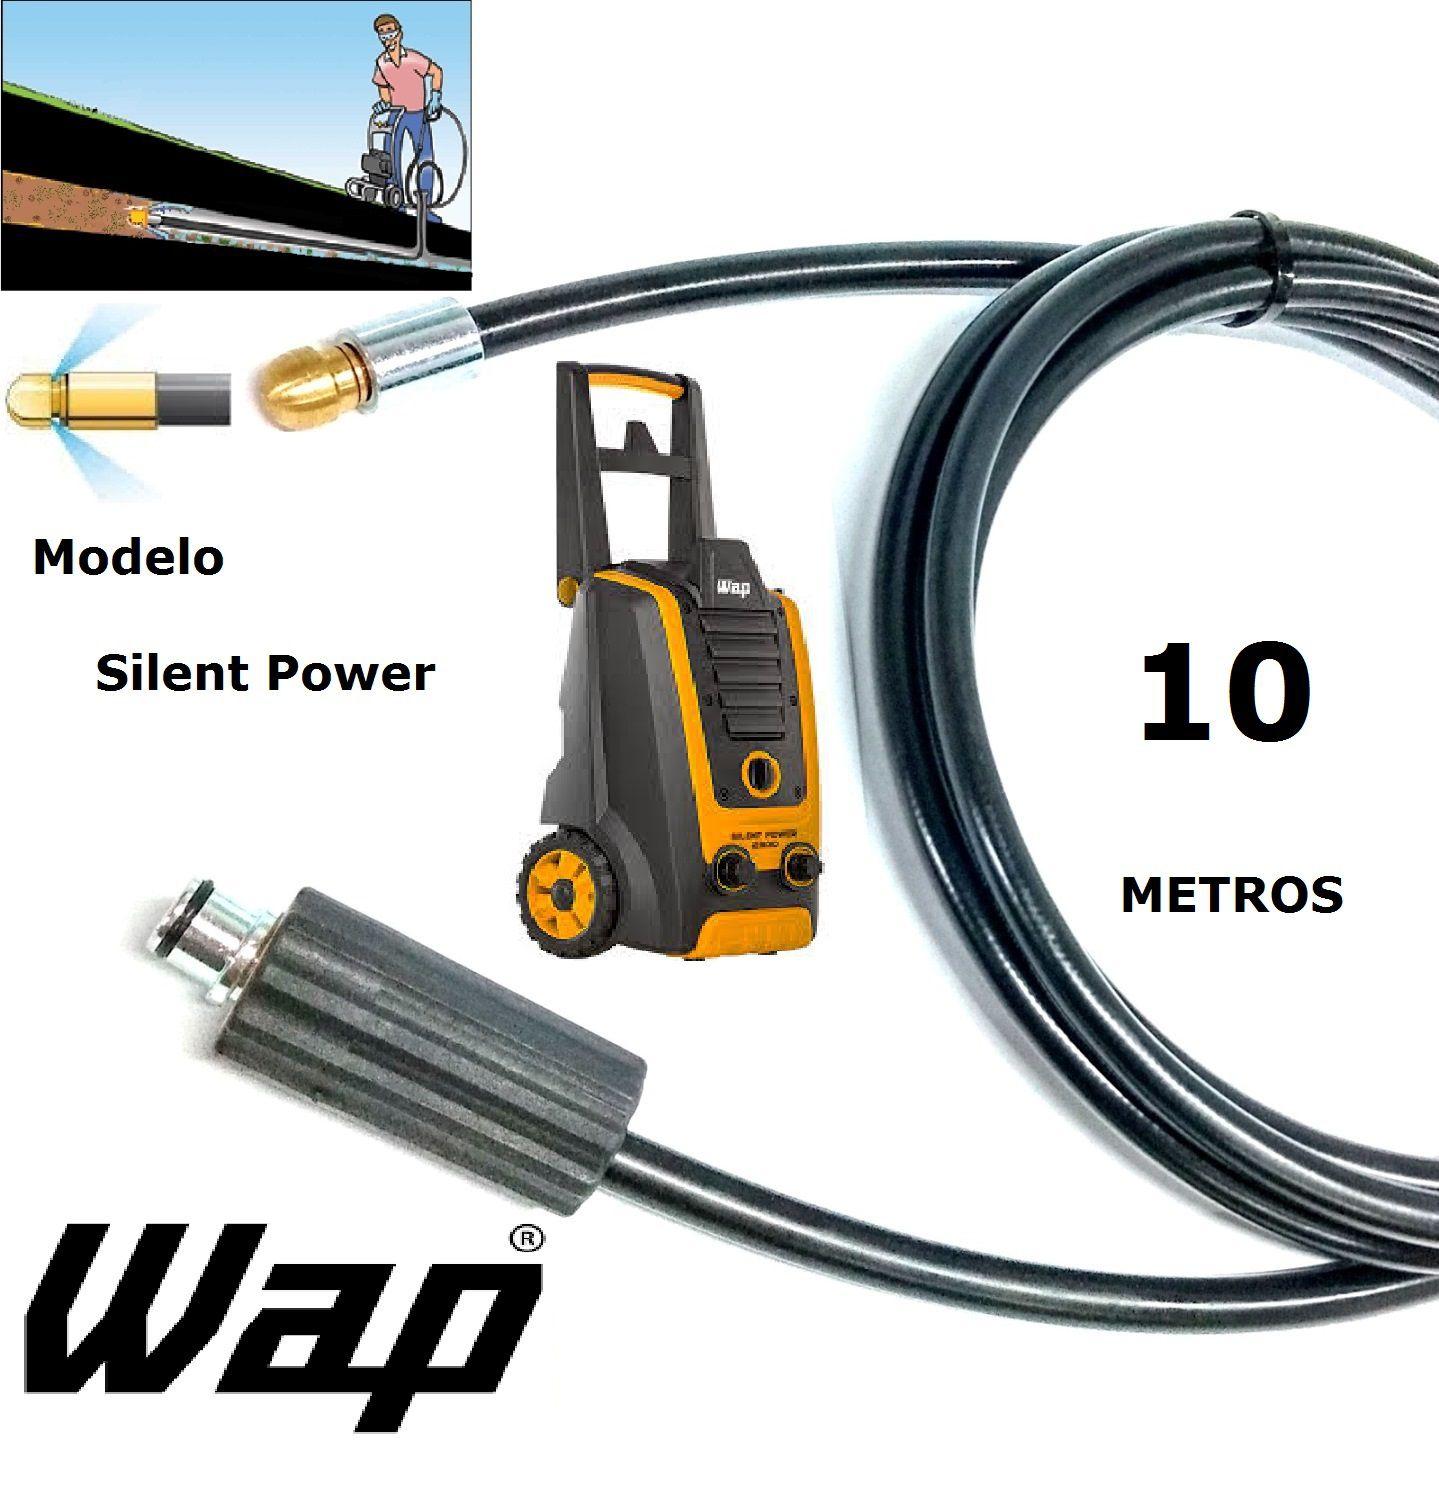 Mangueira desentupidora de tubulação WAP - 10 Metros - Wap SILENT POWER